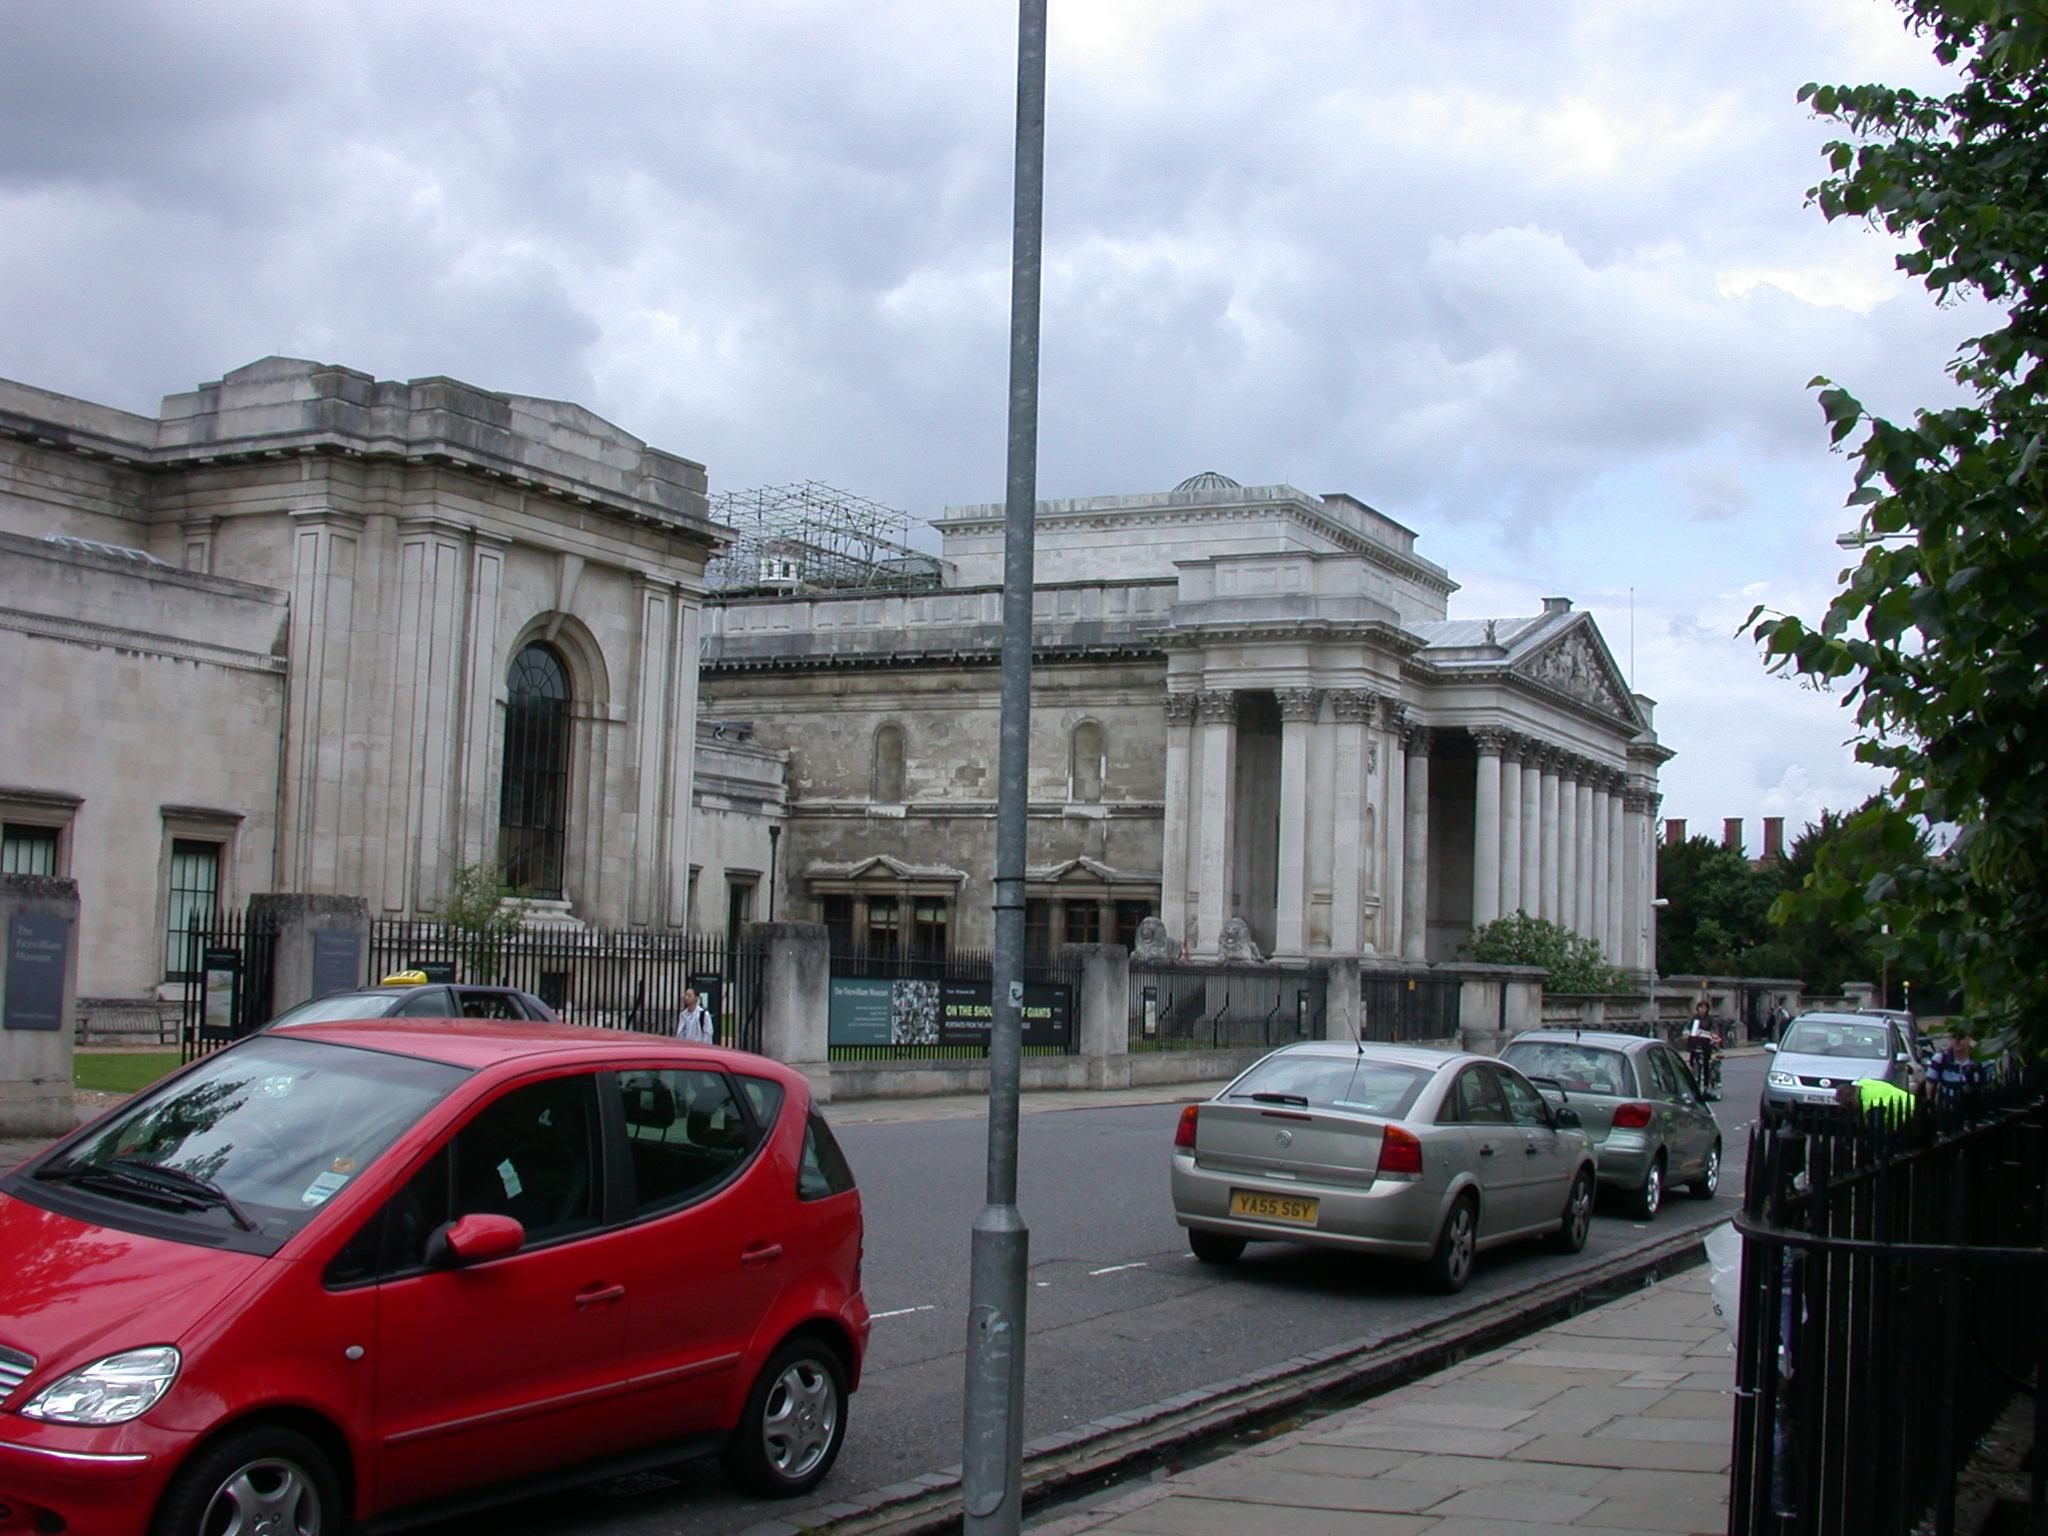 Fitzwilliam Museum, Cambridge, England